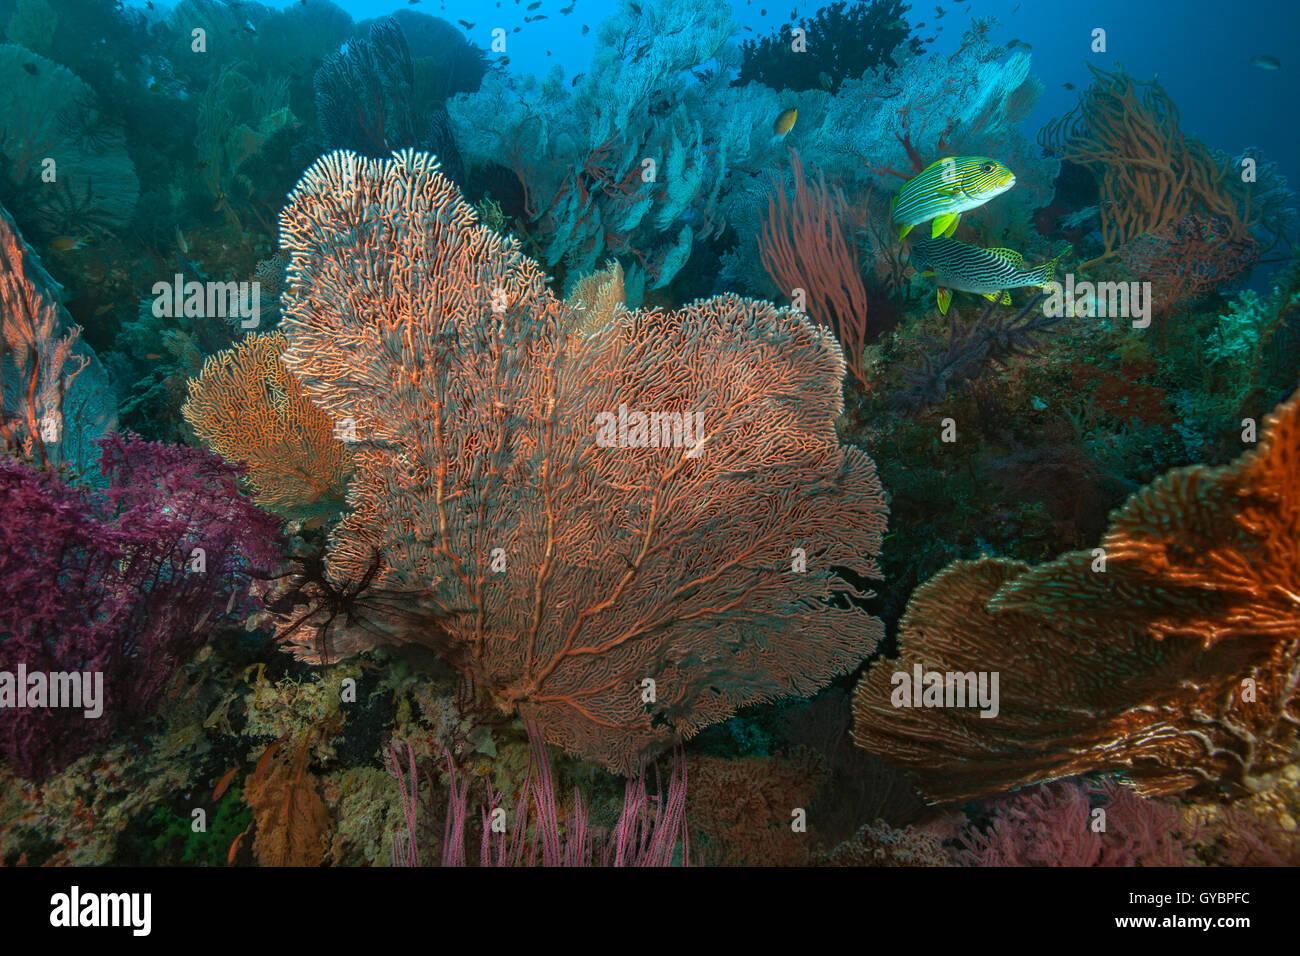 Dans l'alimentation des poissons gaterins récif de coraux colorés. Photo Stock